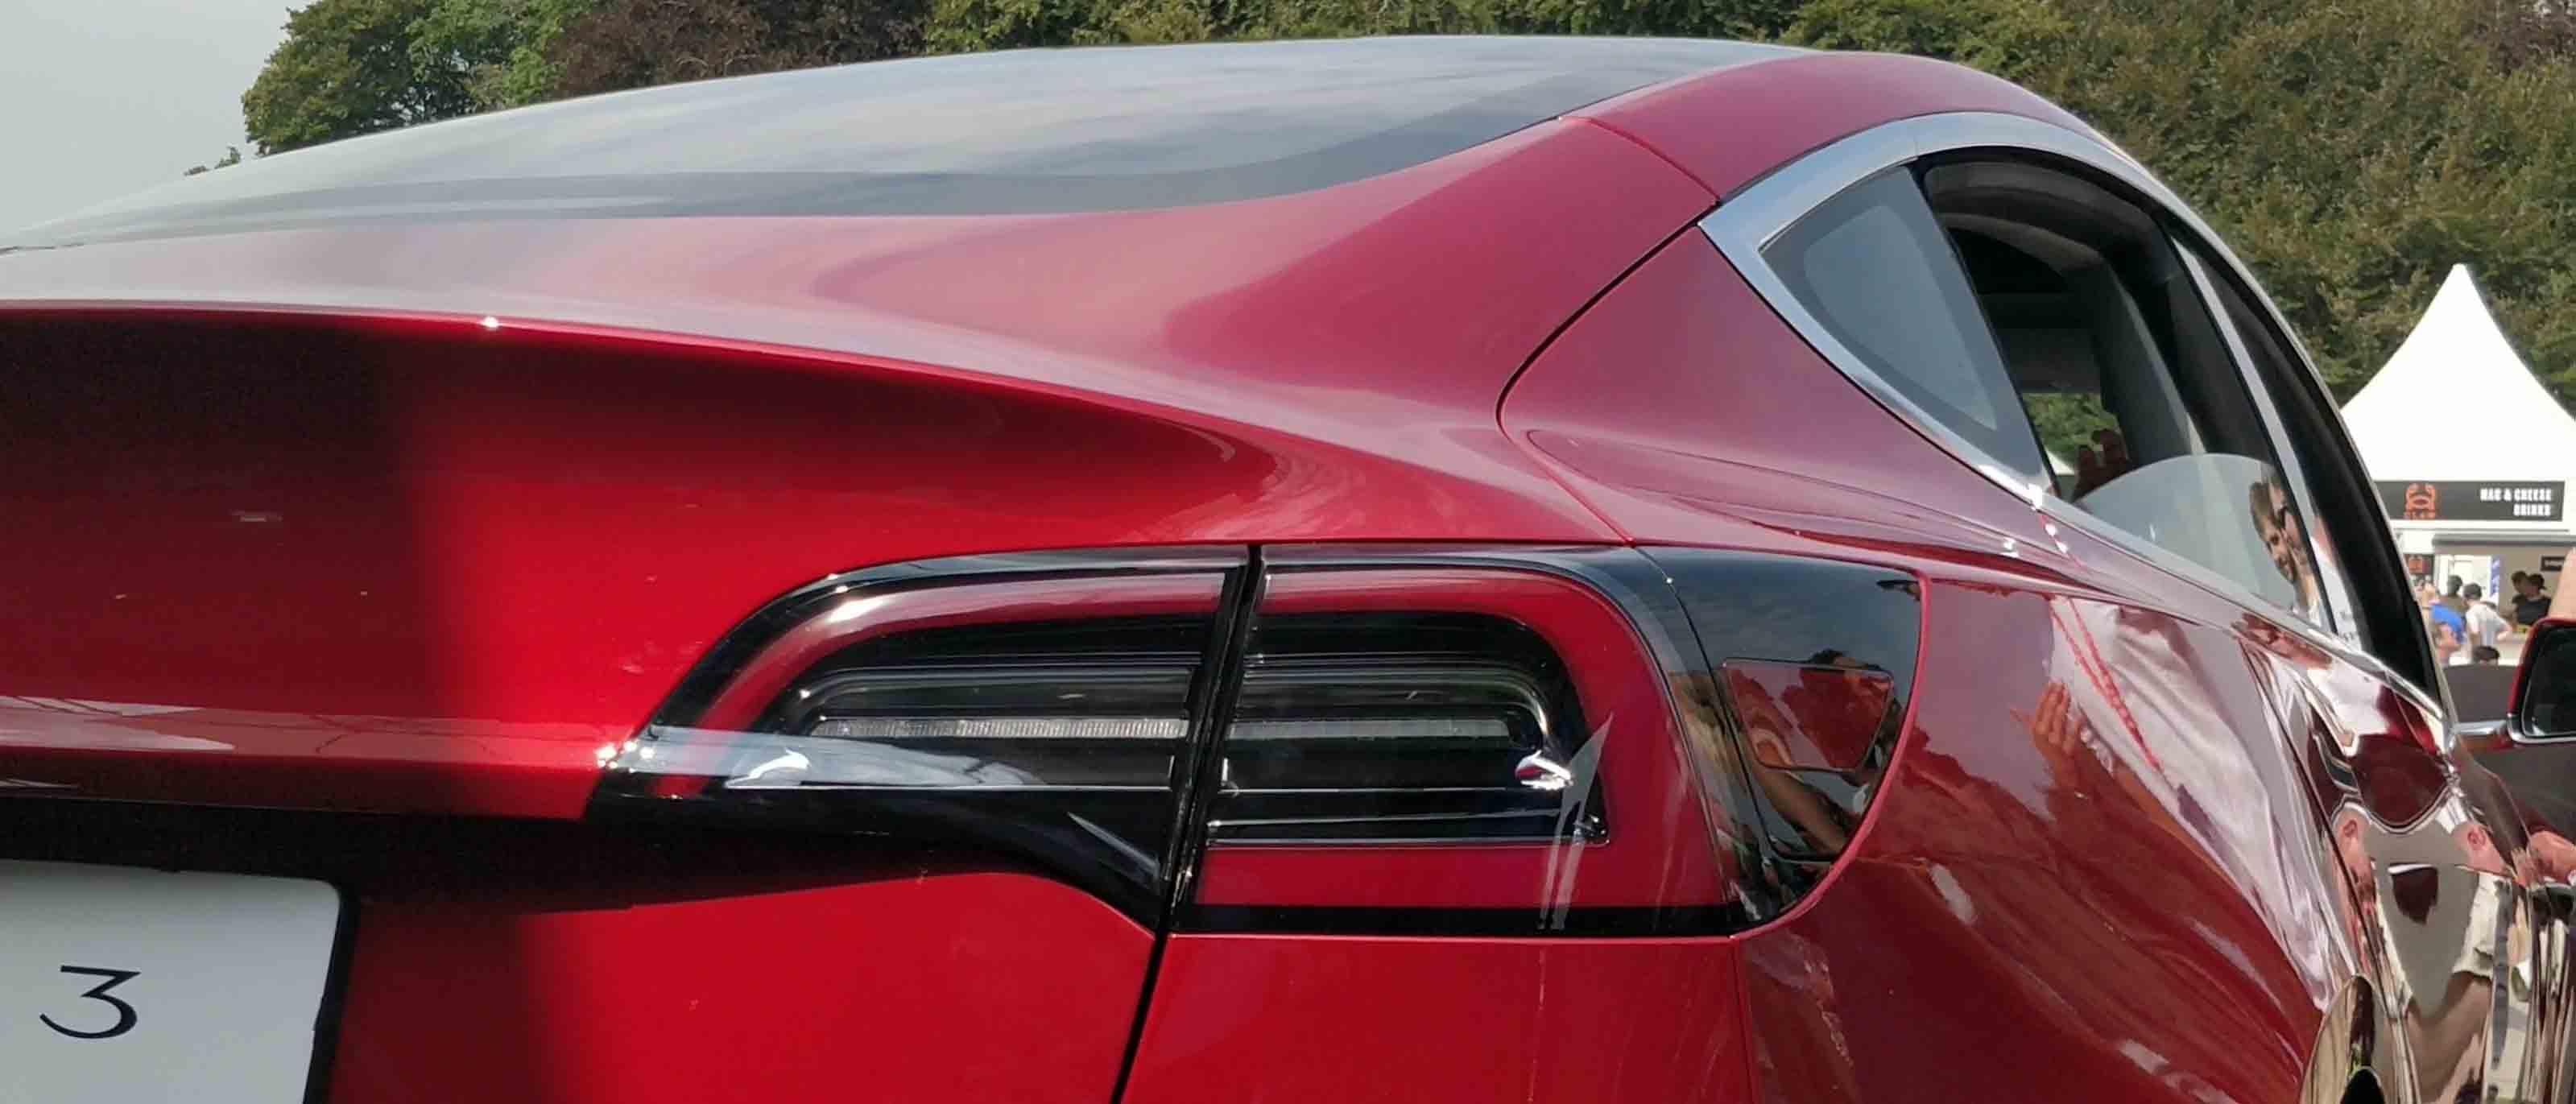 Preischeck – Tesla Model 3 günstiger als eine Mercedes-Benz C-Klasse